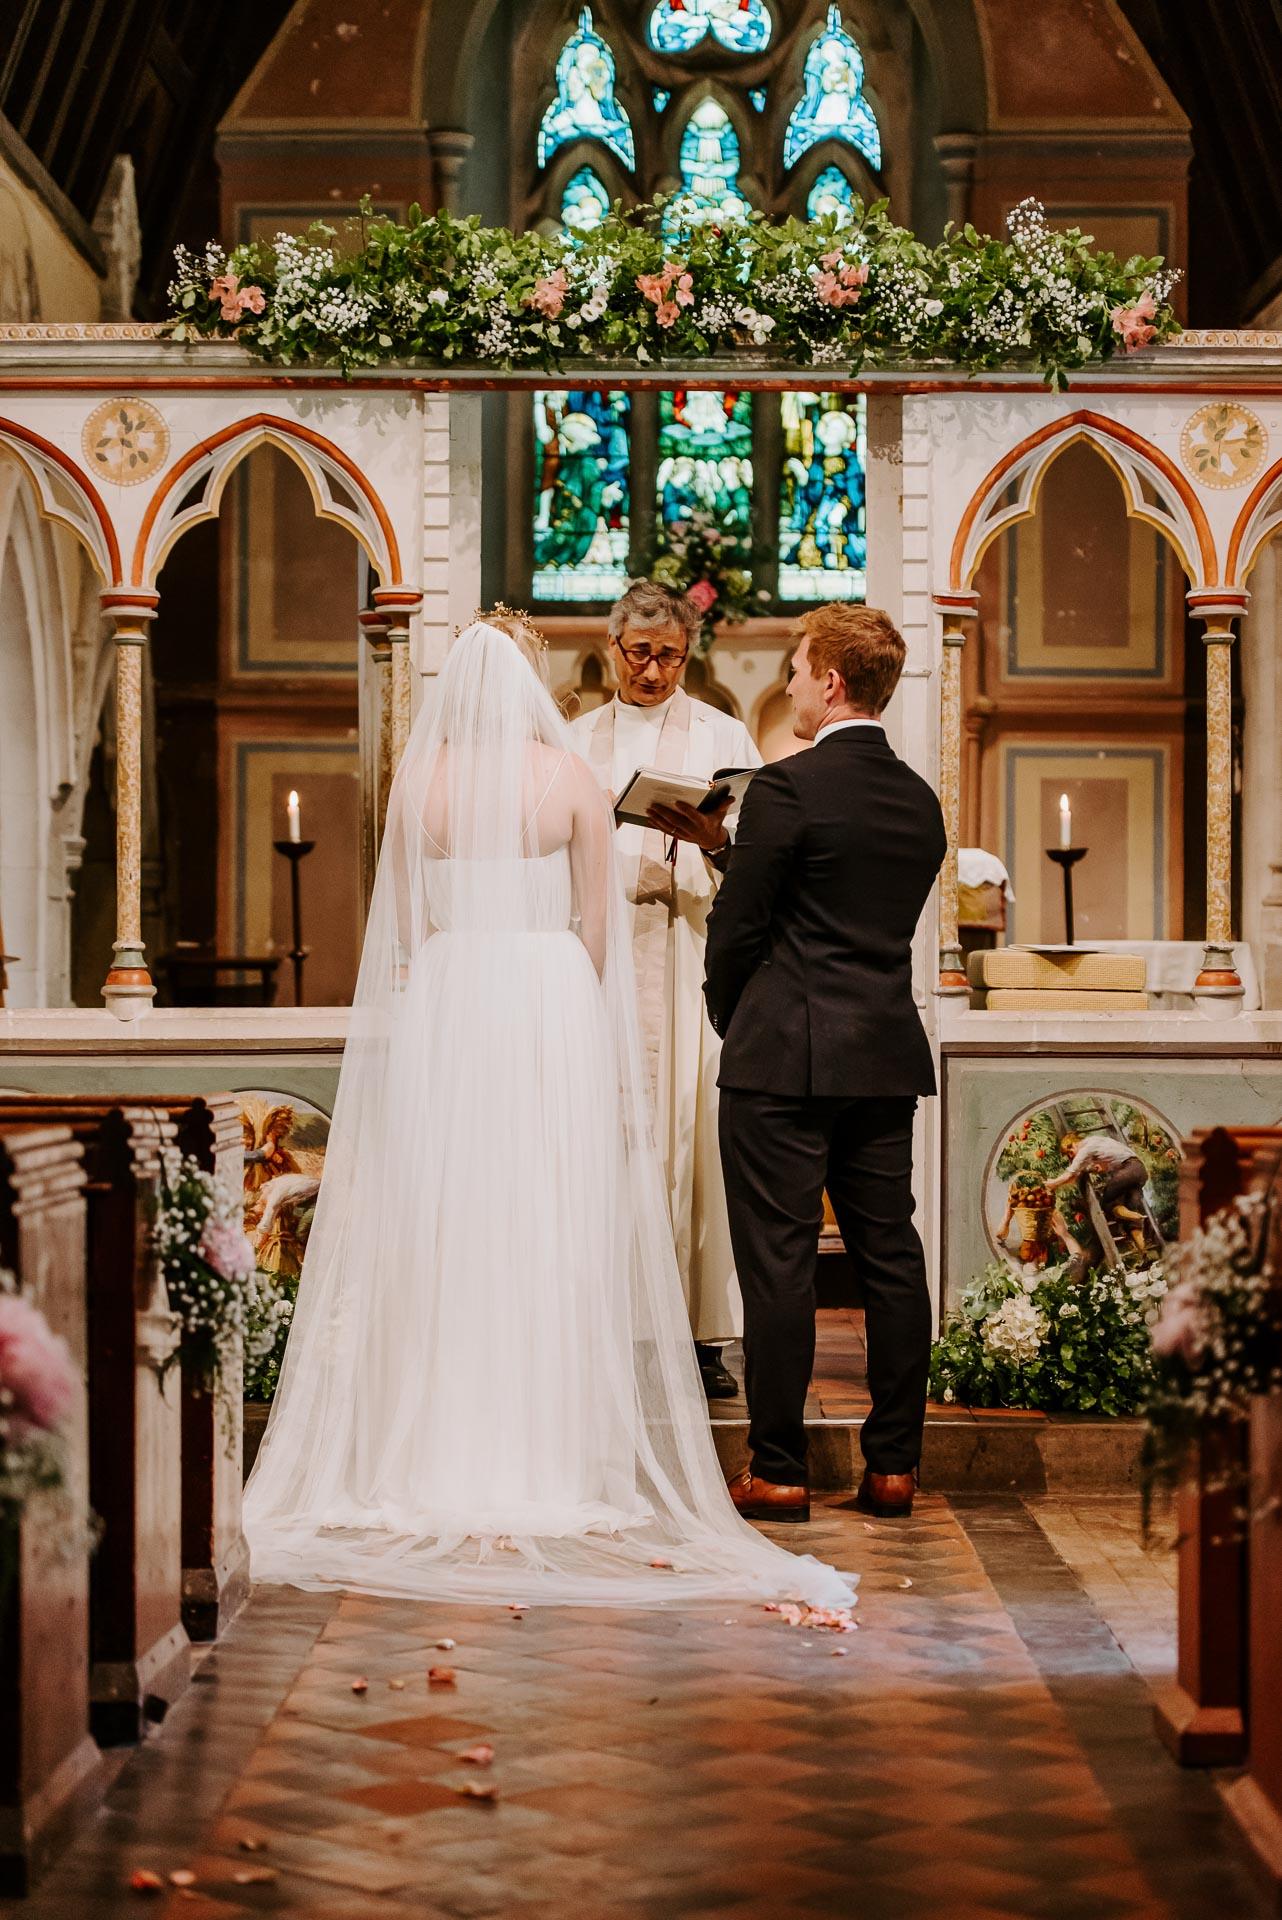 Henny_Jamie_East Sussex_Wedding_22.jpg